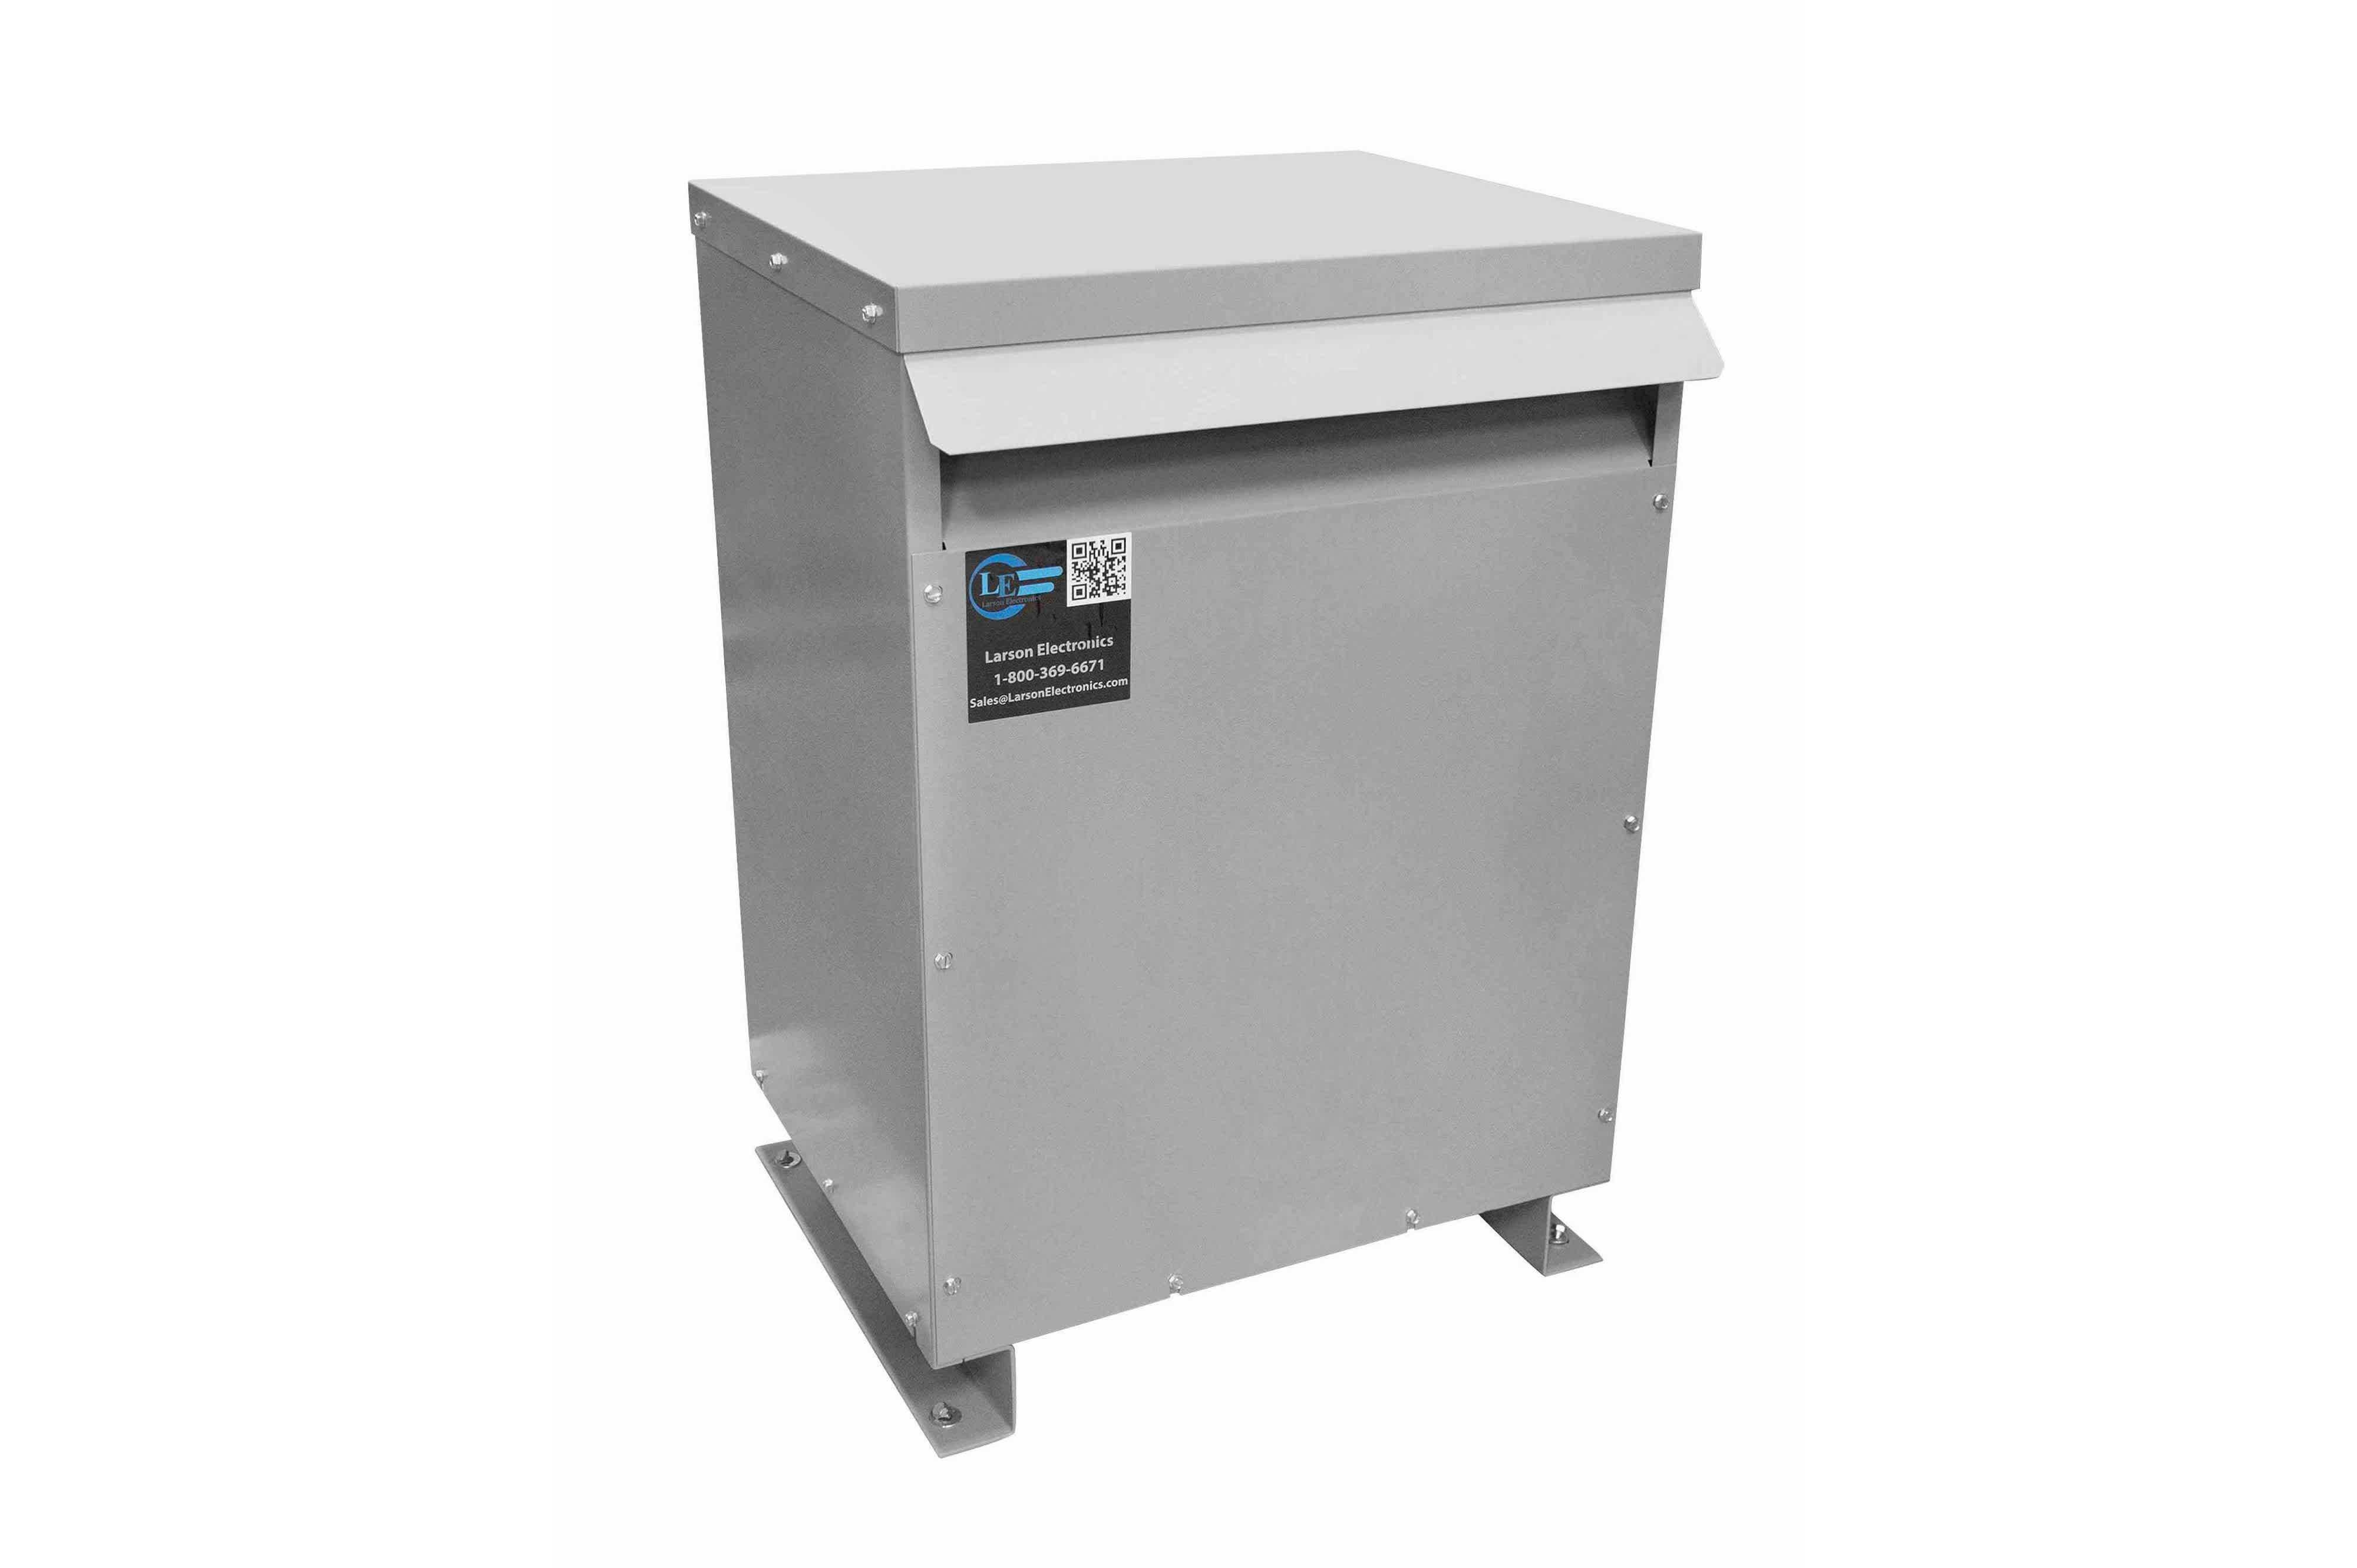 47.5 kVA 3PH Isolation Transformer, 480V Delta Primary, 575V Delta Secondary, N3R, Ventilated, 60 Hz